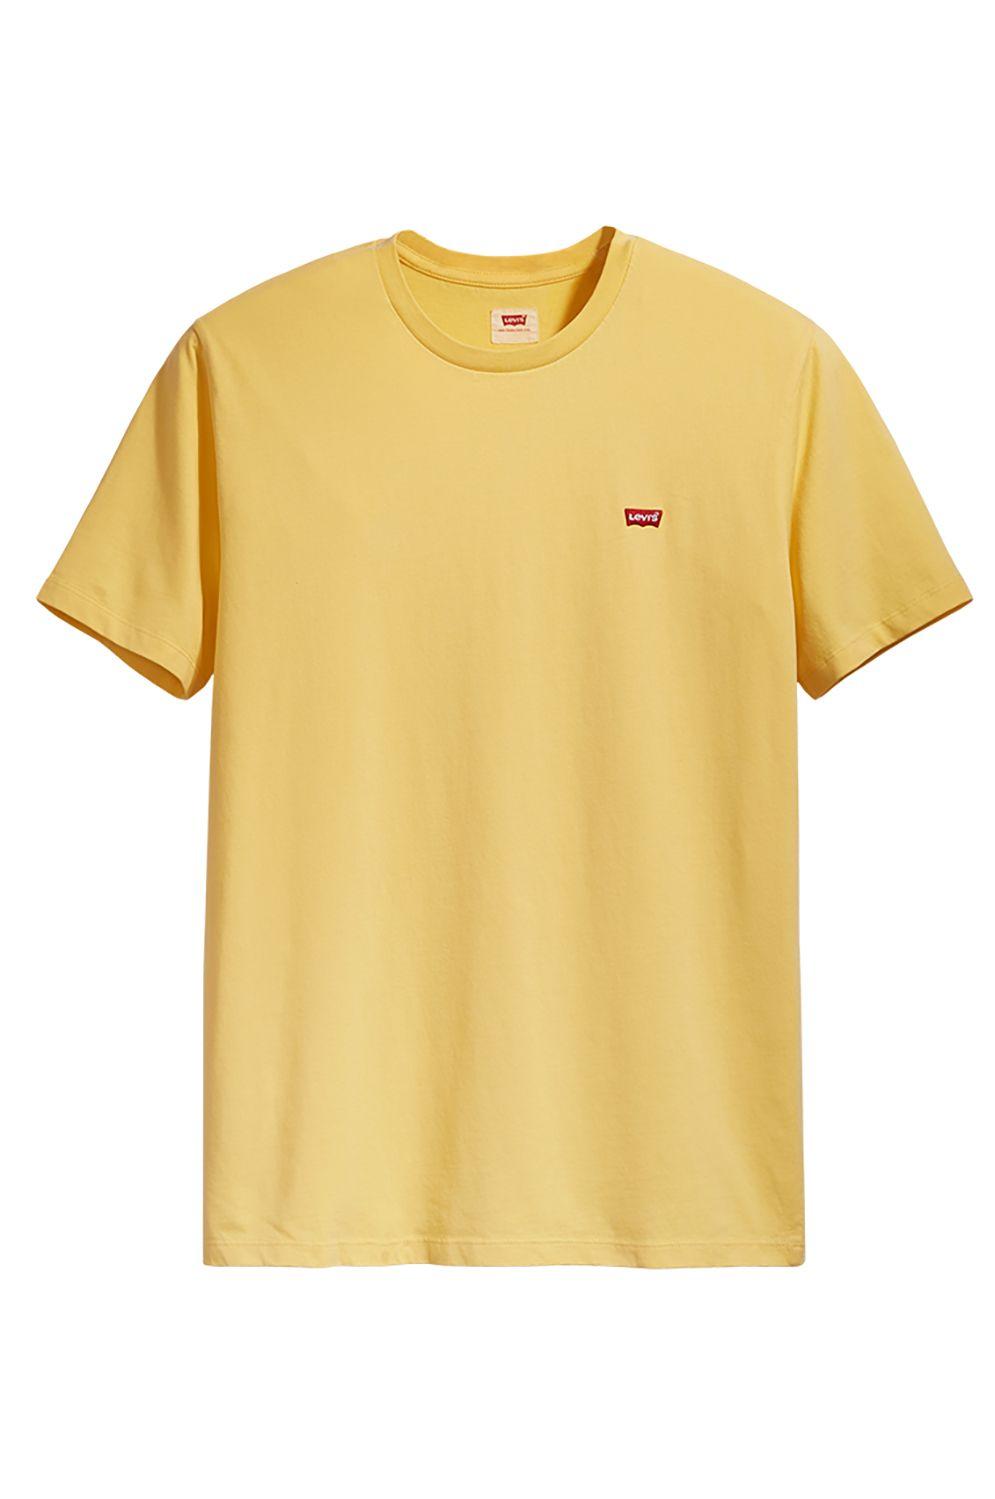 T-Shirt Levis ORIGINAL HM Dusky Citron